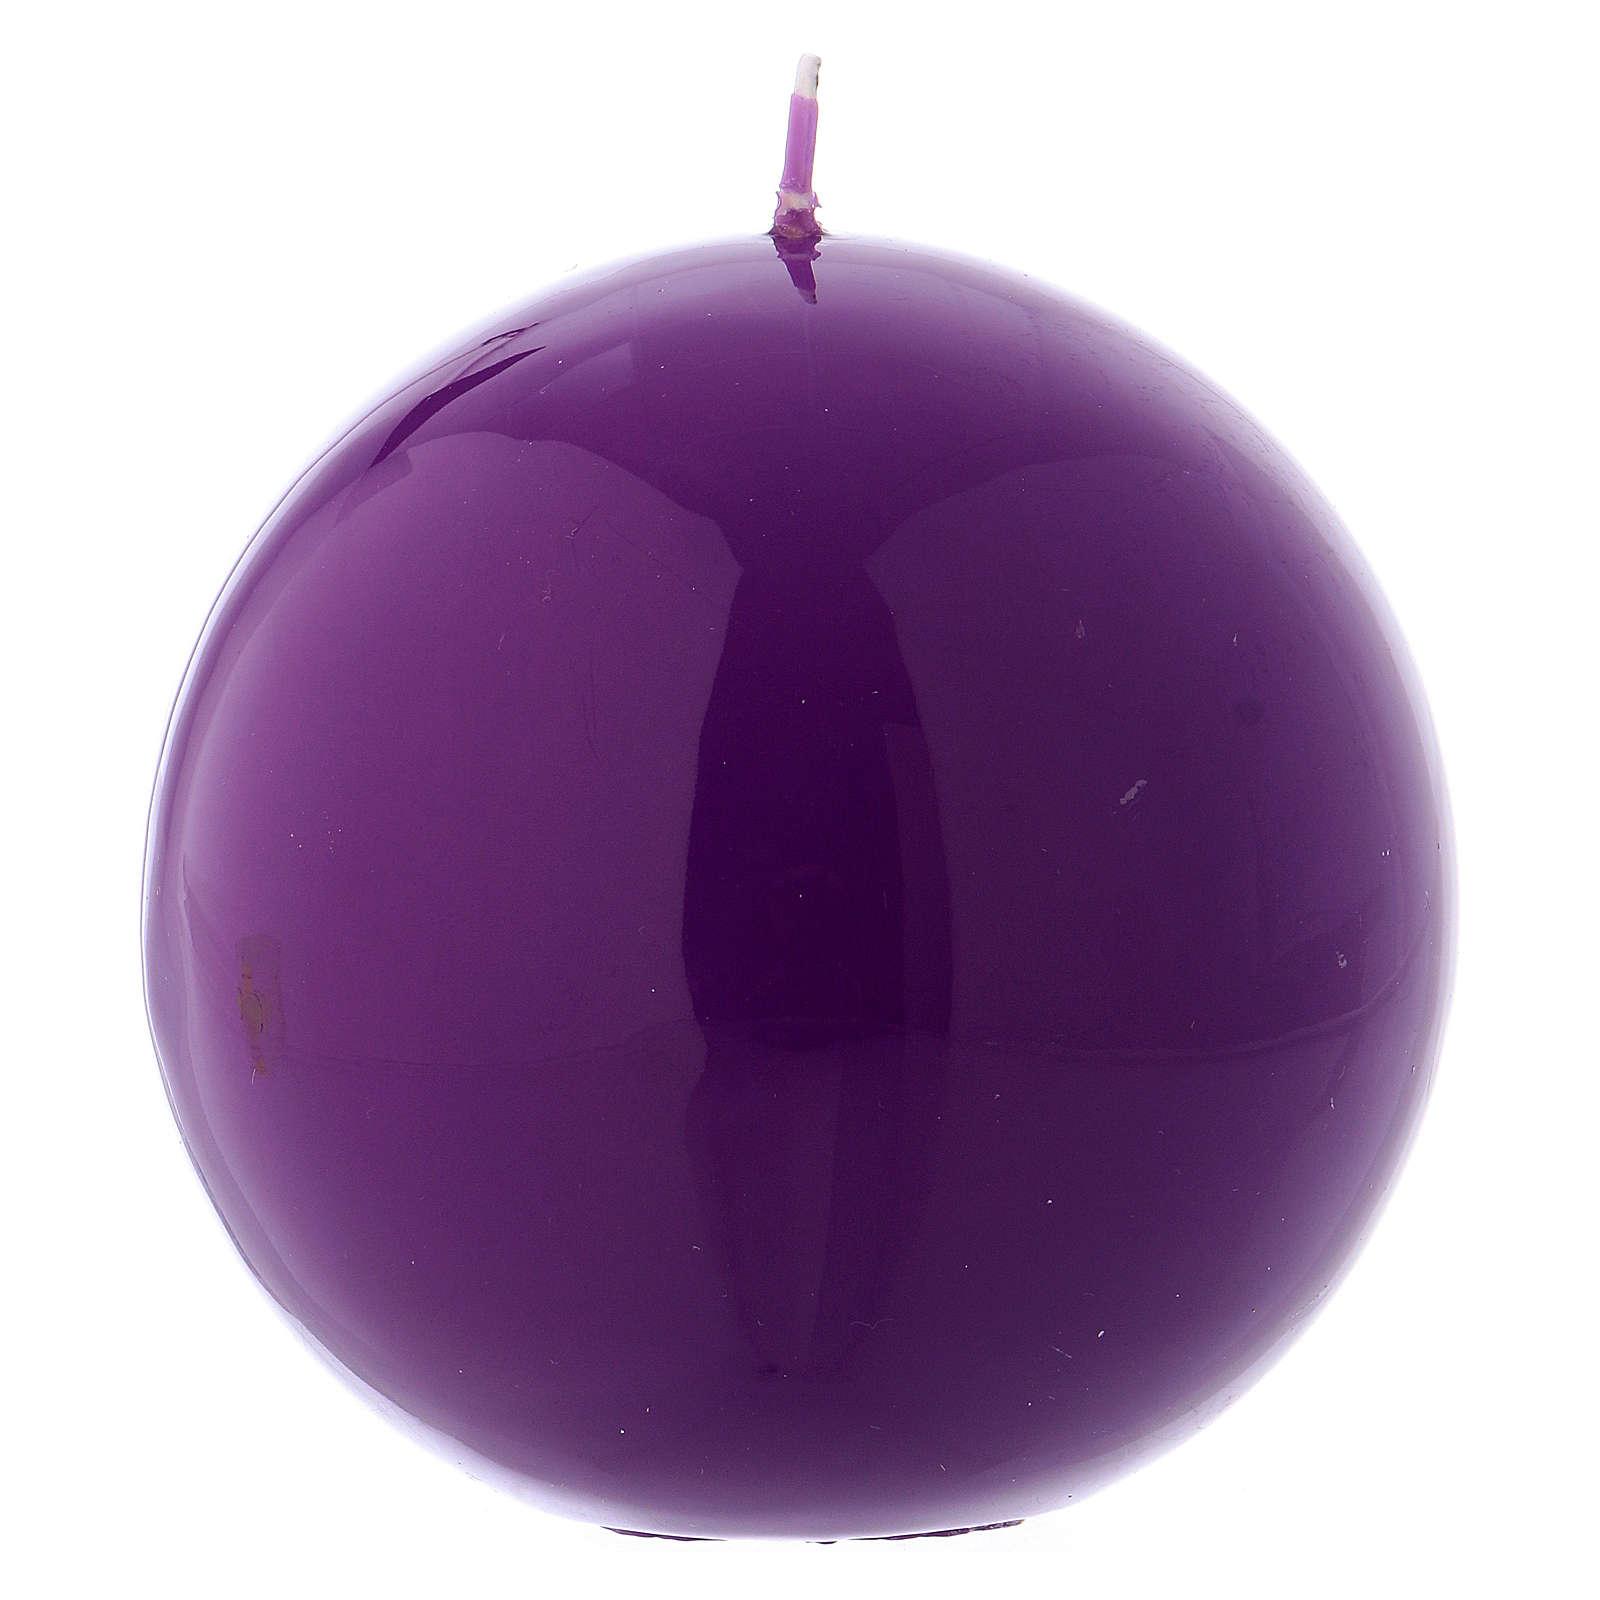 Vela de Altar Esfera Ceralacca Violeta d. 10 cm 3